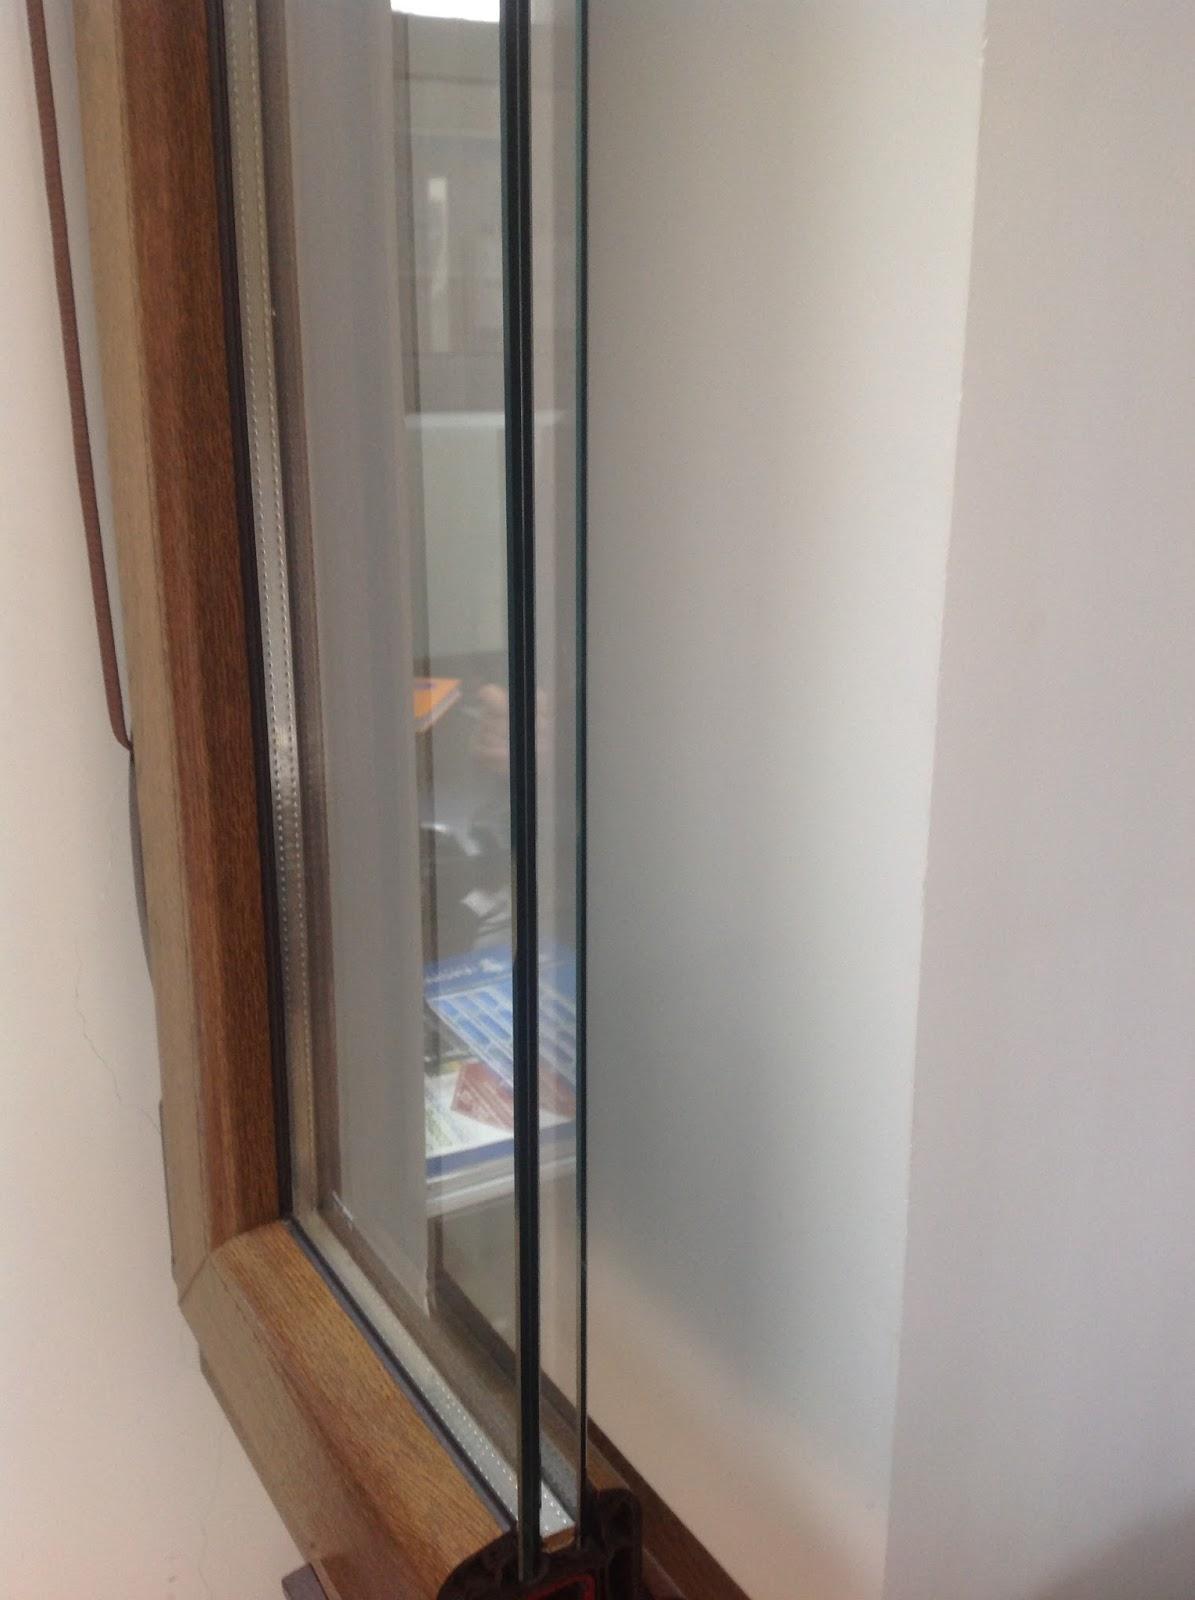 Cristales De Seguridad Para Ventanas De Pvc Ventanas Y Puertas  ~ Ventanas De Seguridad Para Casas